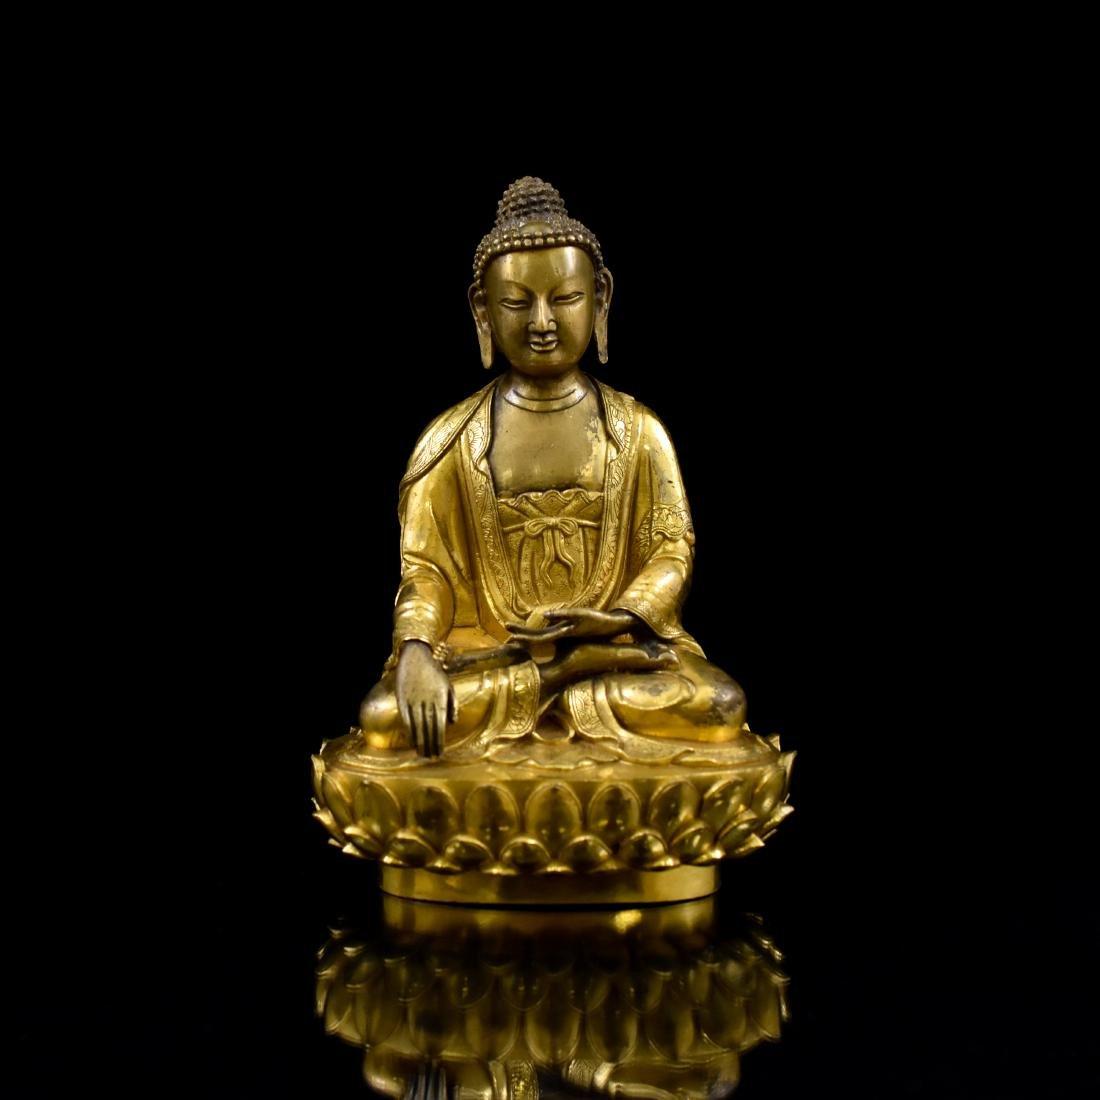 MING GILT BRONZE BUDDHA FIGURE OF SHAKYAMUNI BUDDHA